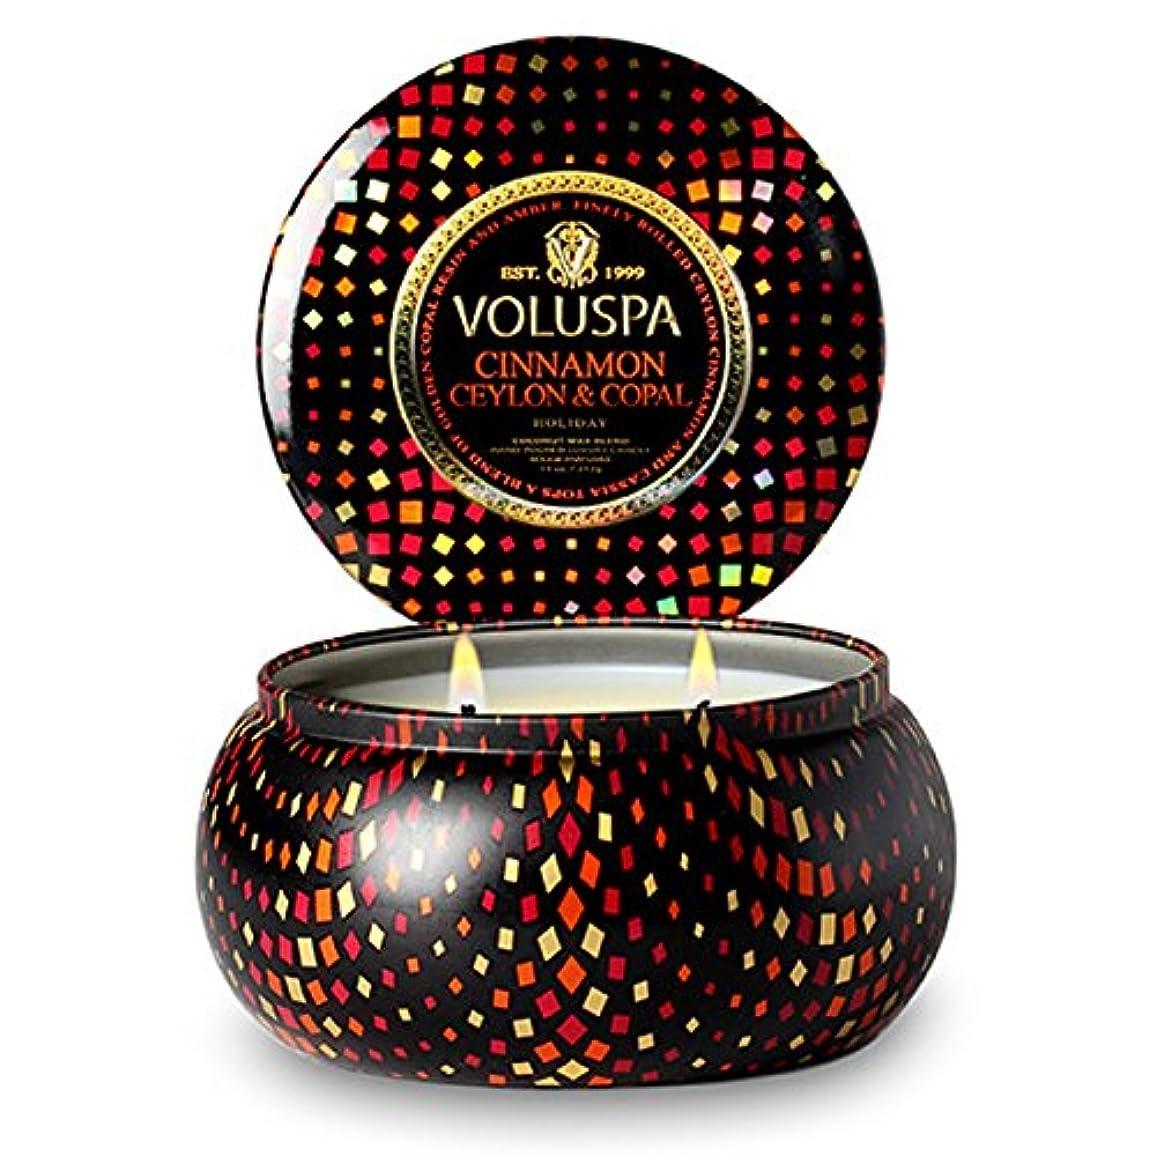 興奮ゴールド閃光Voluspa ボルスパ メゾンホリデー 2-Wick ティンキャンドル シナモンセイロン&コーパル CINNAMON CEYLON&COPAL MASION HOLIDAY 2-ウィック Tin Glass Candle